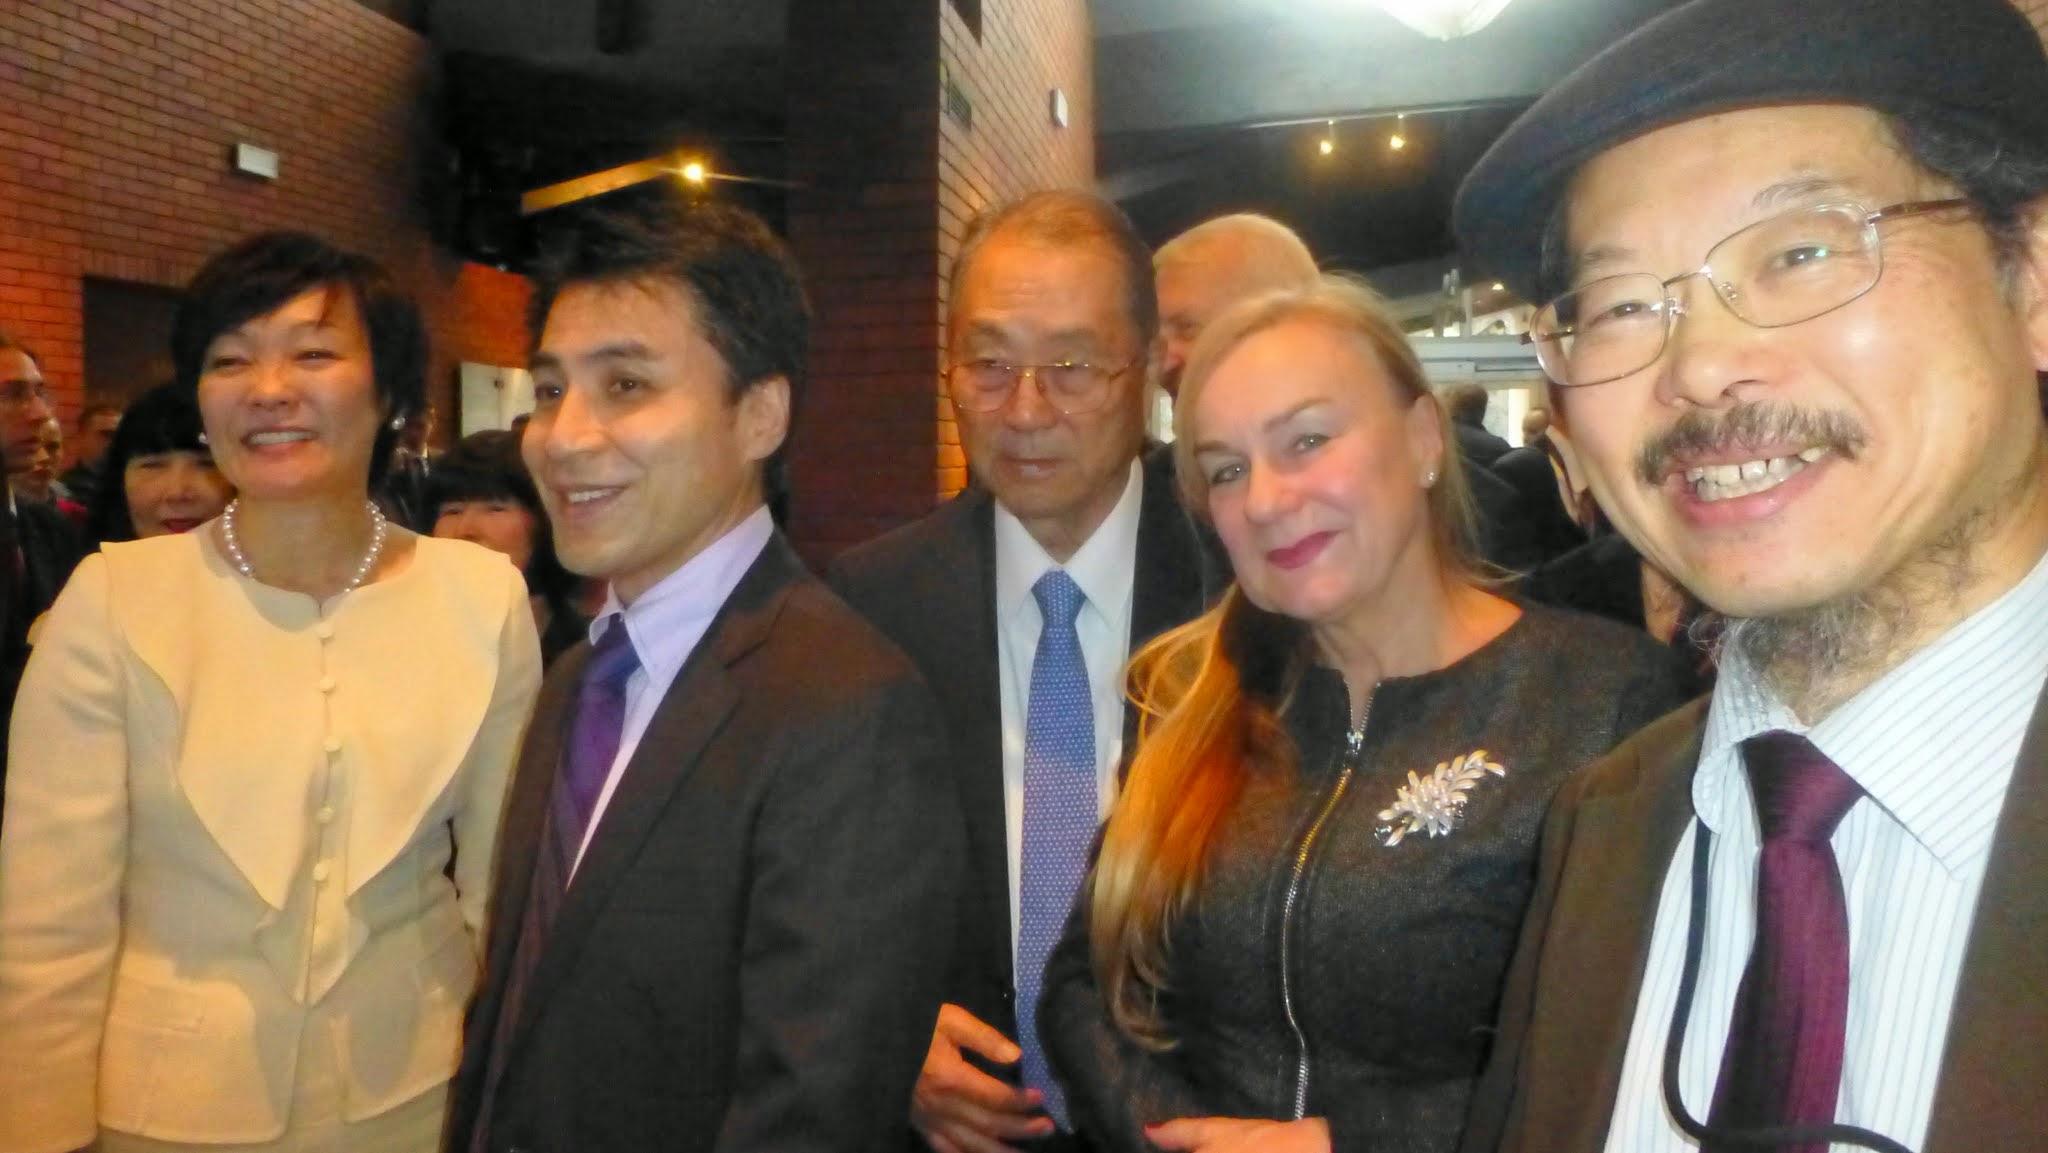 Photo: Z lewej - Pani Akie Abe (żona Premiera Japonii), w środku - Pan Katsuyuki Kambara